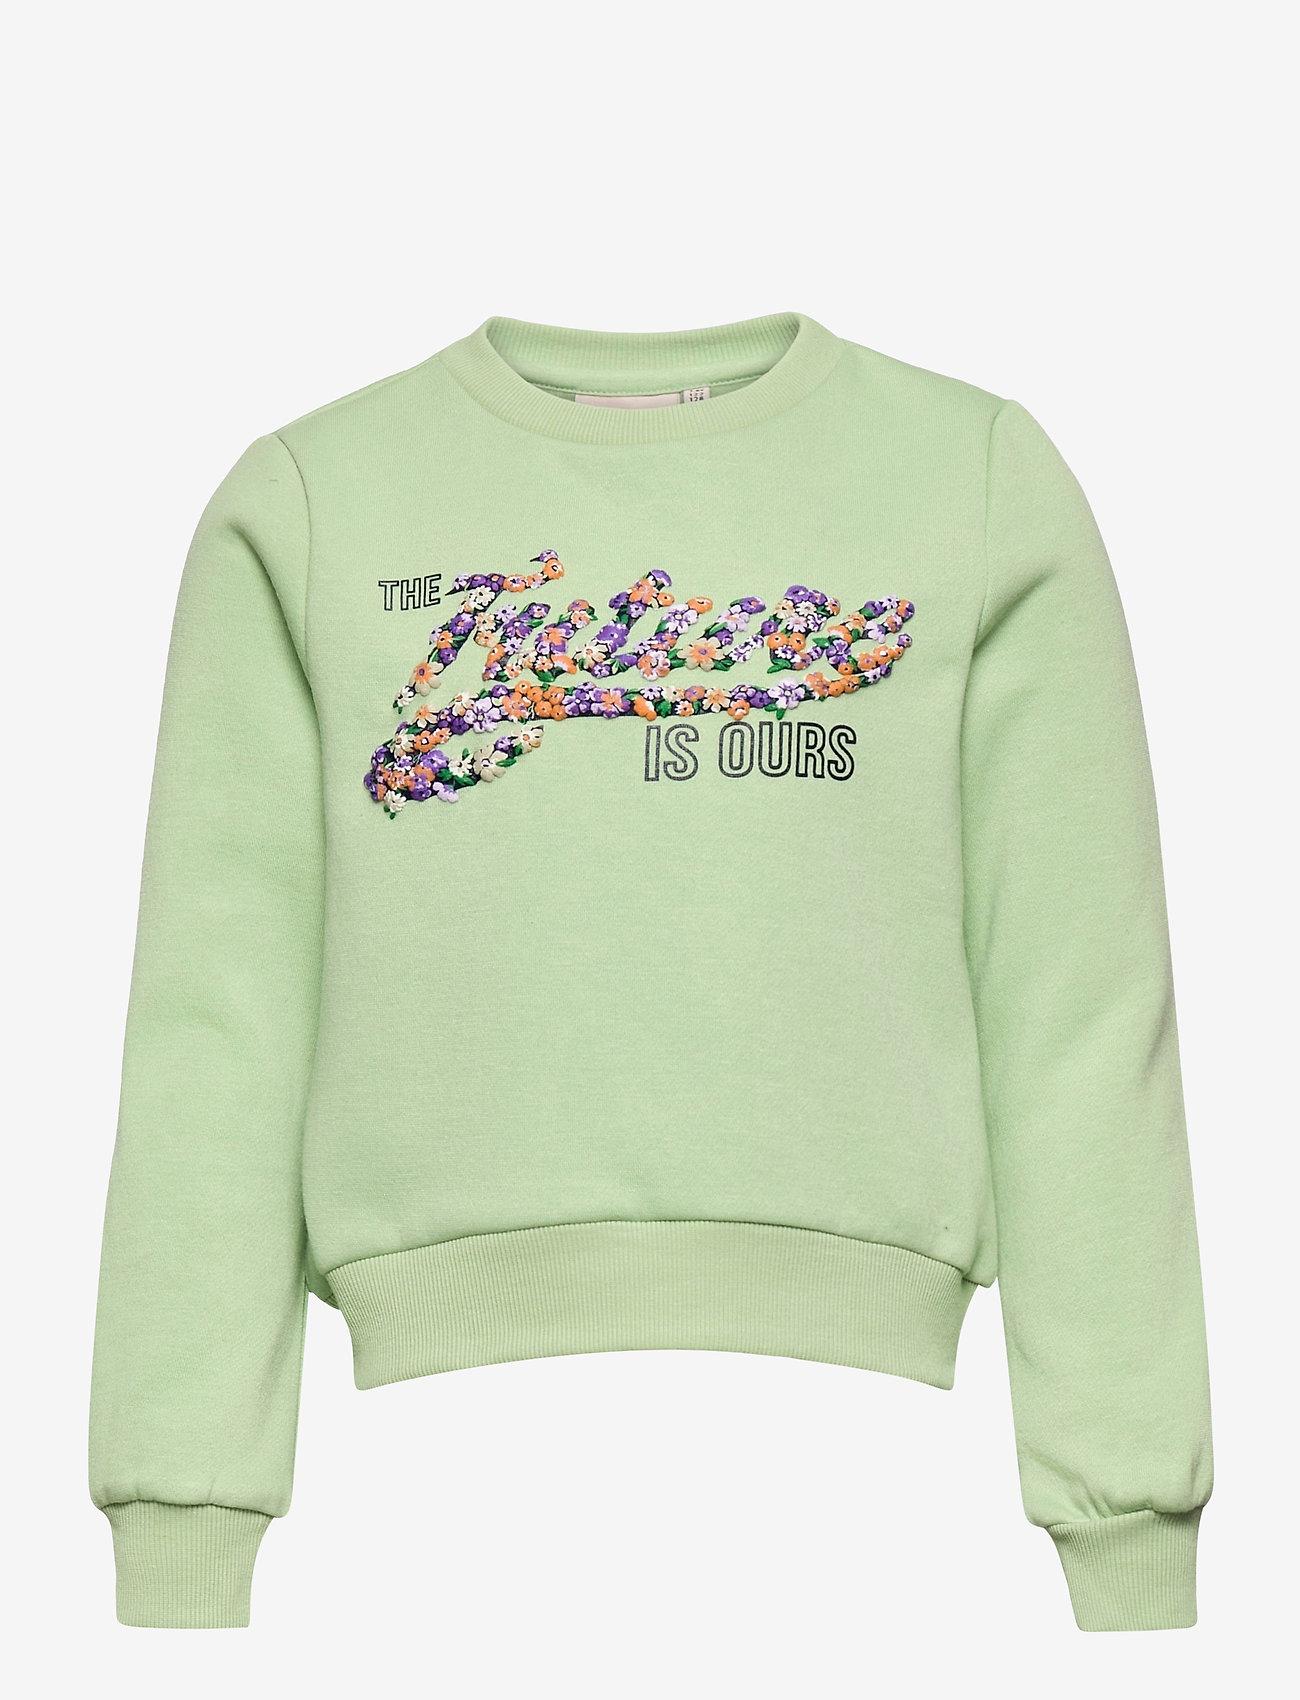 Kids Only - KONLILLIE L/S BOX SWT - sweatshirts - sprucestone - 0